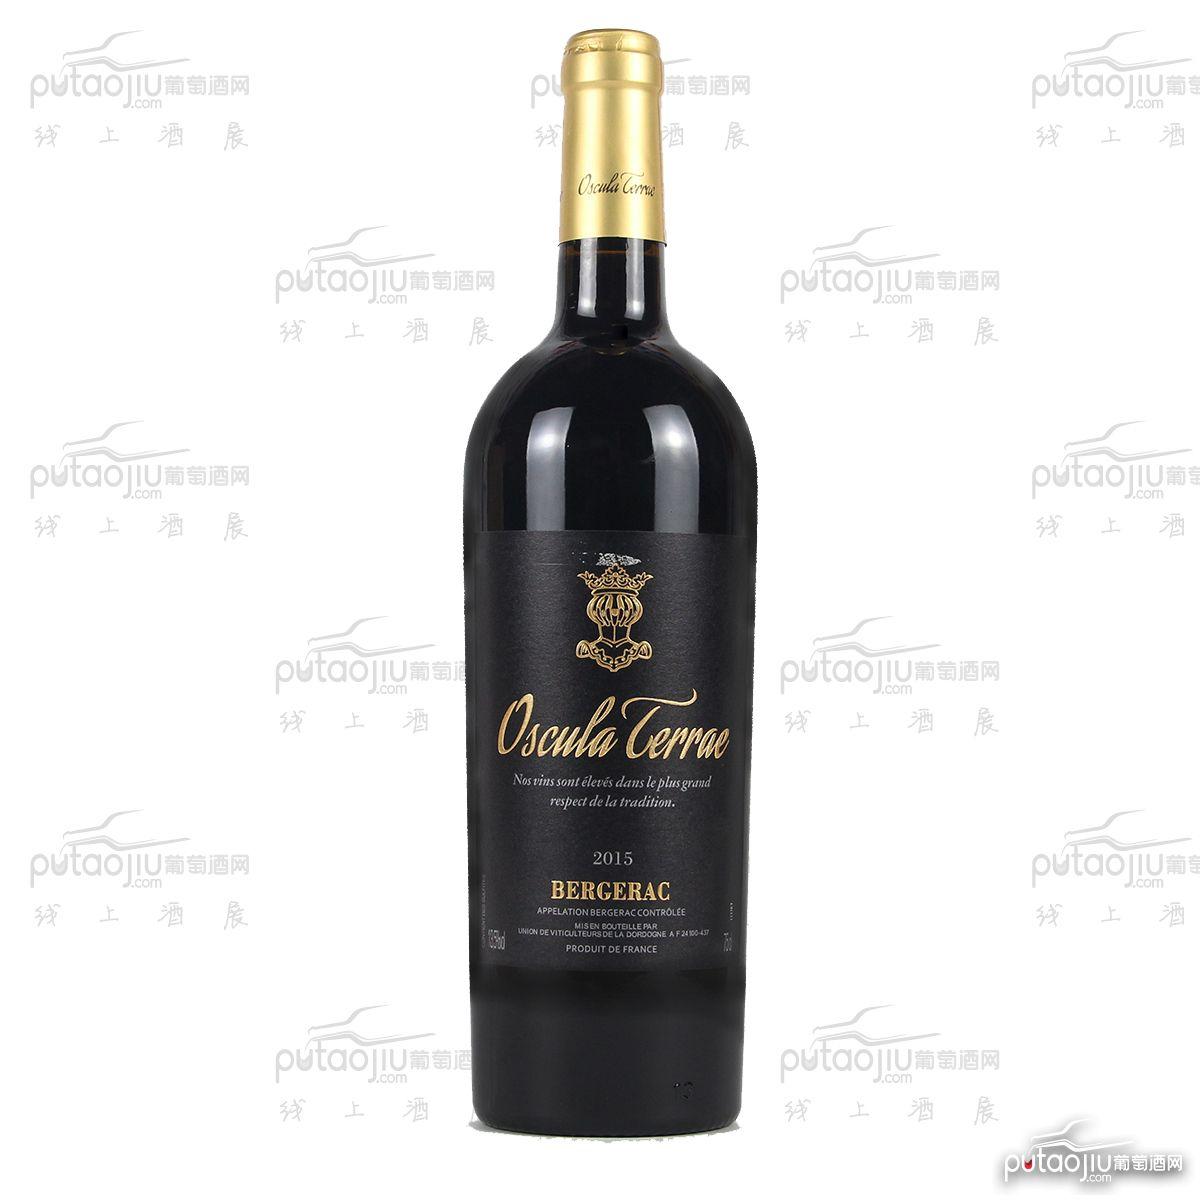 法国贝尔热拉克彩色阿基坦大酒窖大地之吻混酿AOP级别经典干红葡萄酒